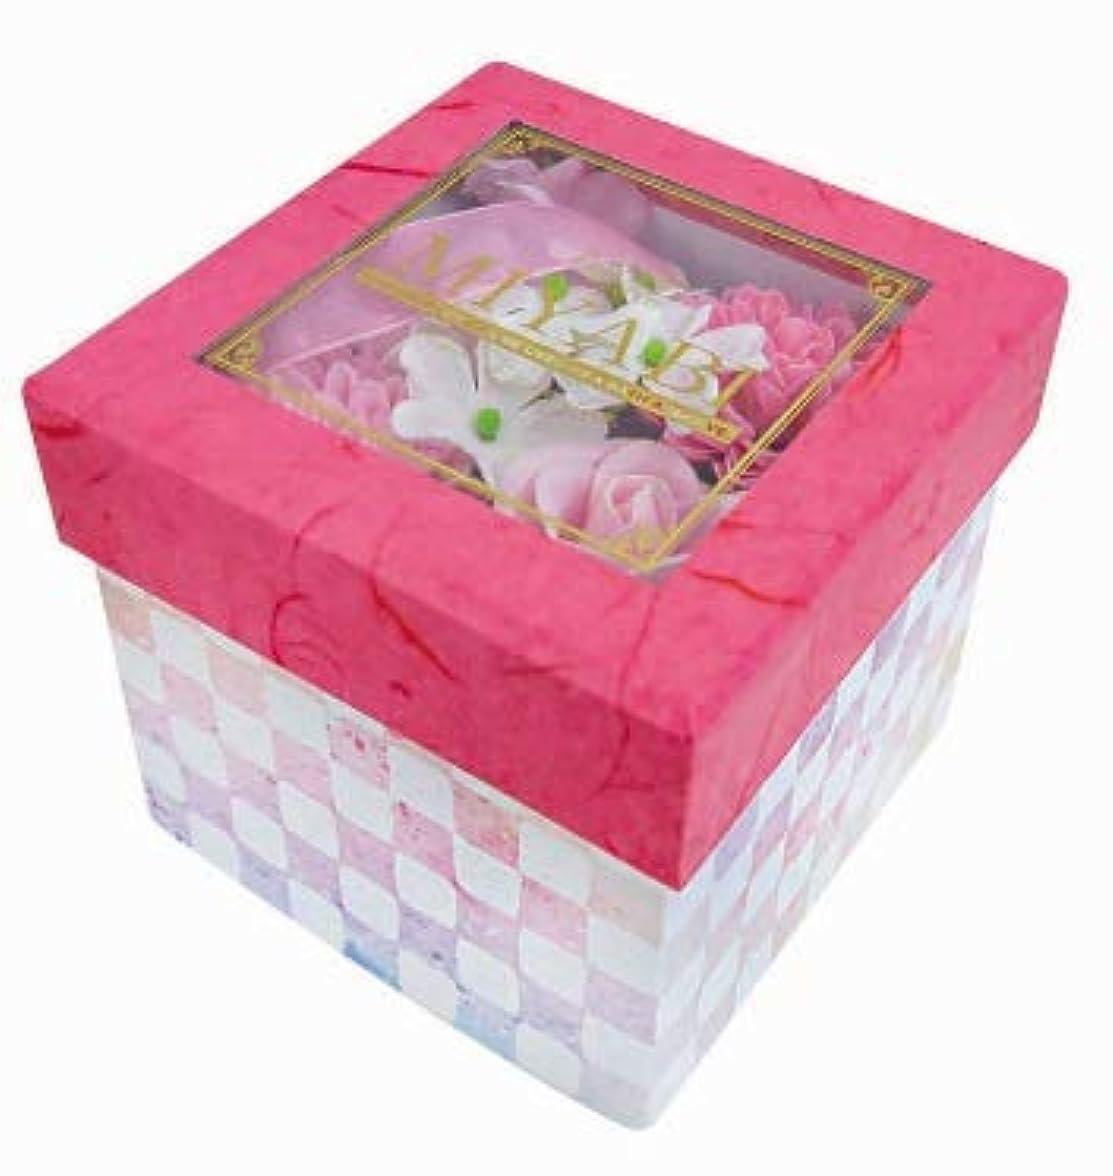 シャーロックホームズ間欠ピアノを弾く花のカタチの入浴剤 和バスフレBOX-MIYABI-M恋 775581